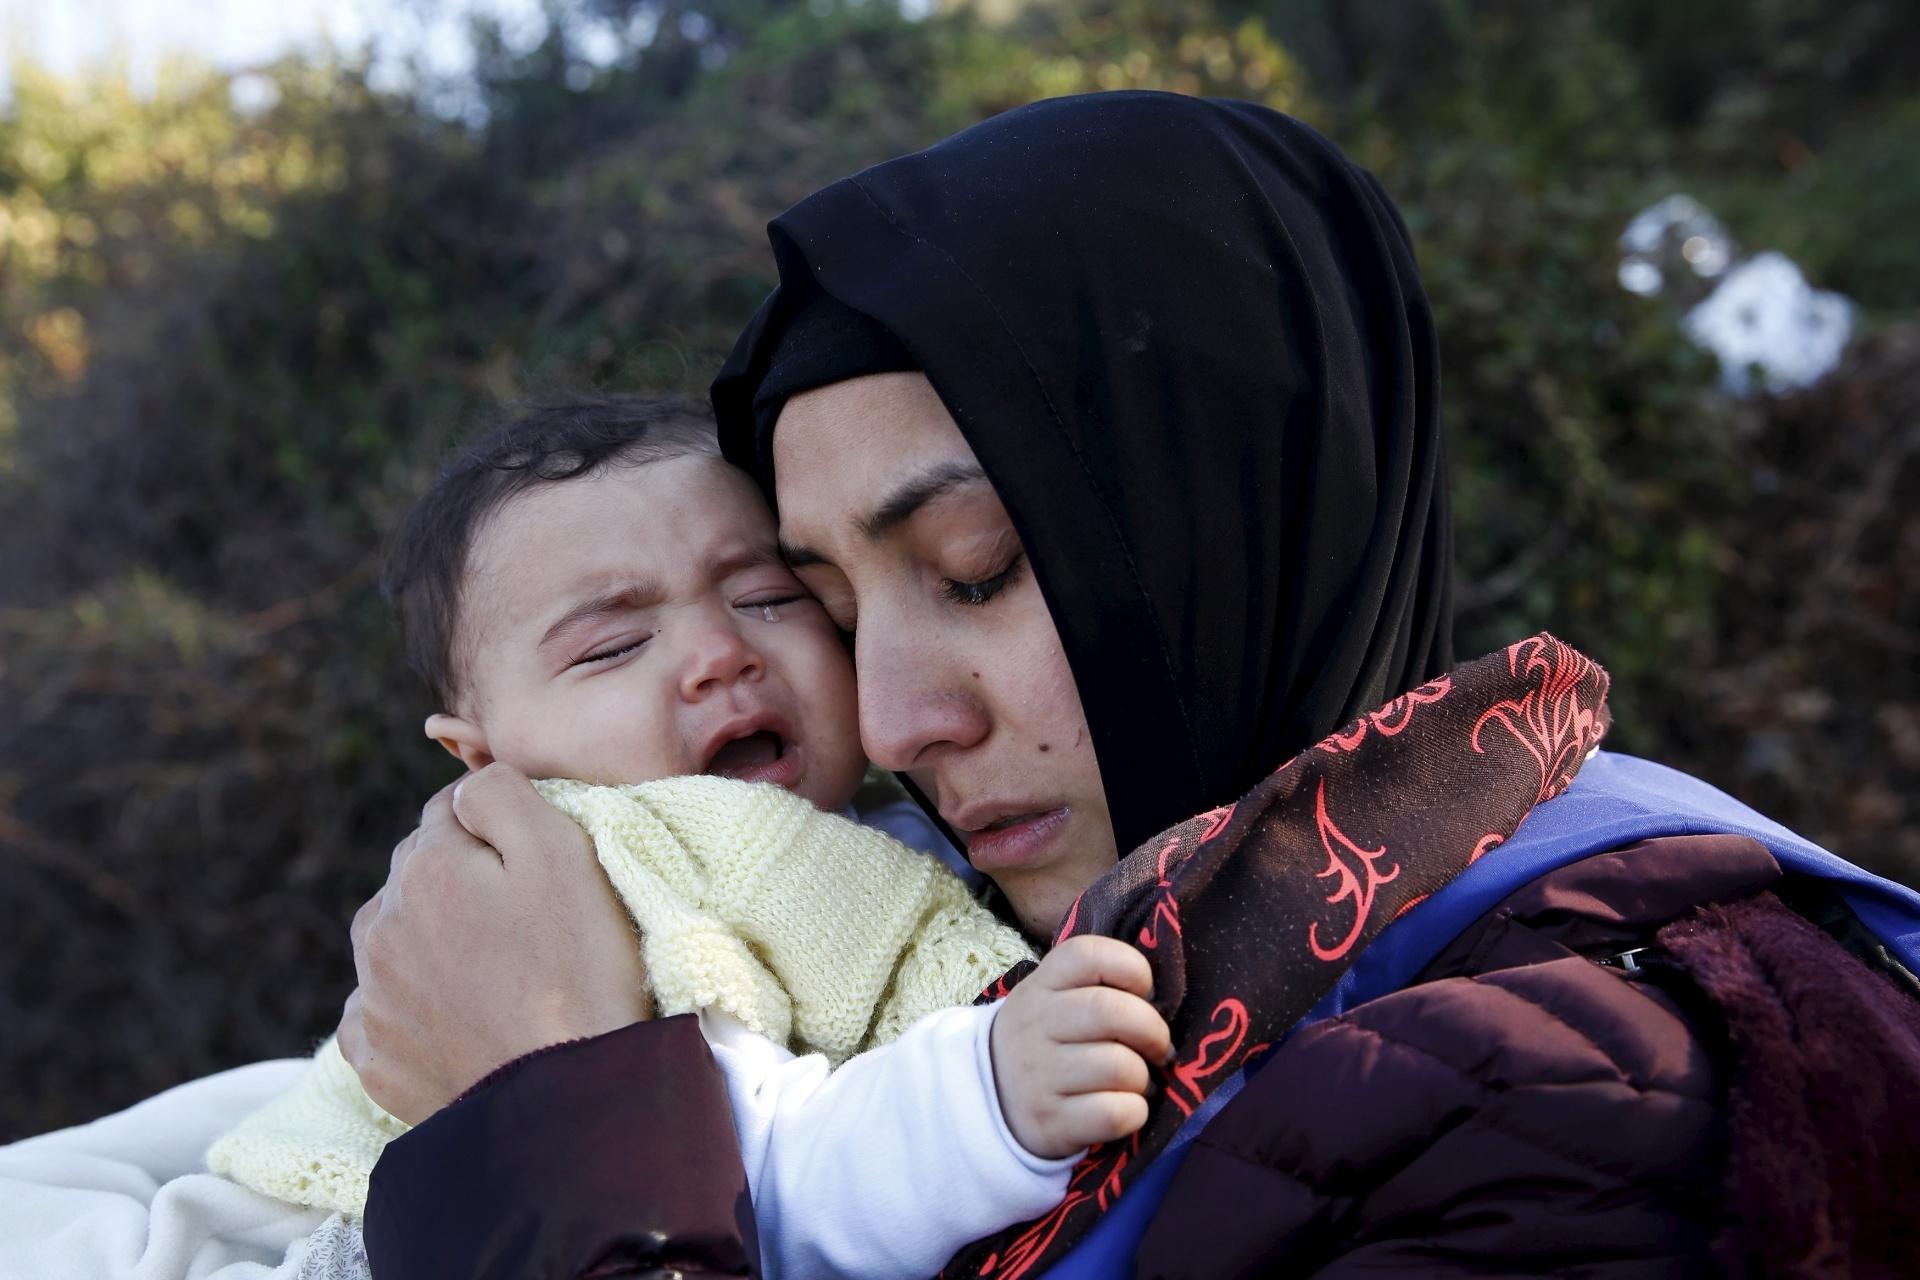 27.out.2015 - Mãe síria abraça bebê chorando depois de conseguir chegar à ilha grega de Lesbos. Durante o mês de outubro, a chegada de refugiados e imigrantes através do mar Mediterrâneo à Europa superaram as registradas em qualquer mês anterior, com 179.470, disse nesta terça-feira (27) a Acnur (Agência das Nações Unidas para os Refugiados)